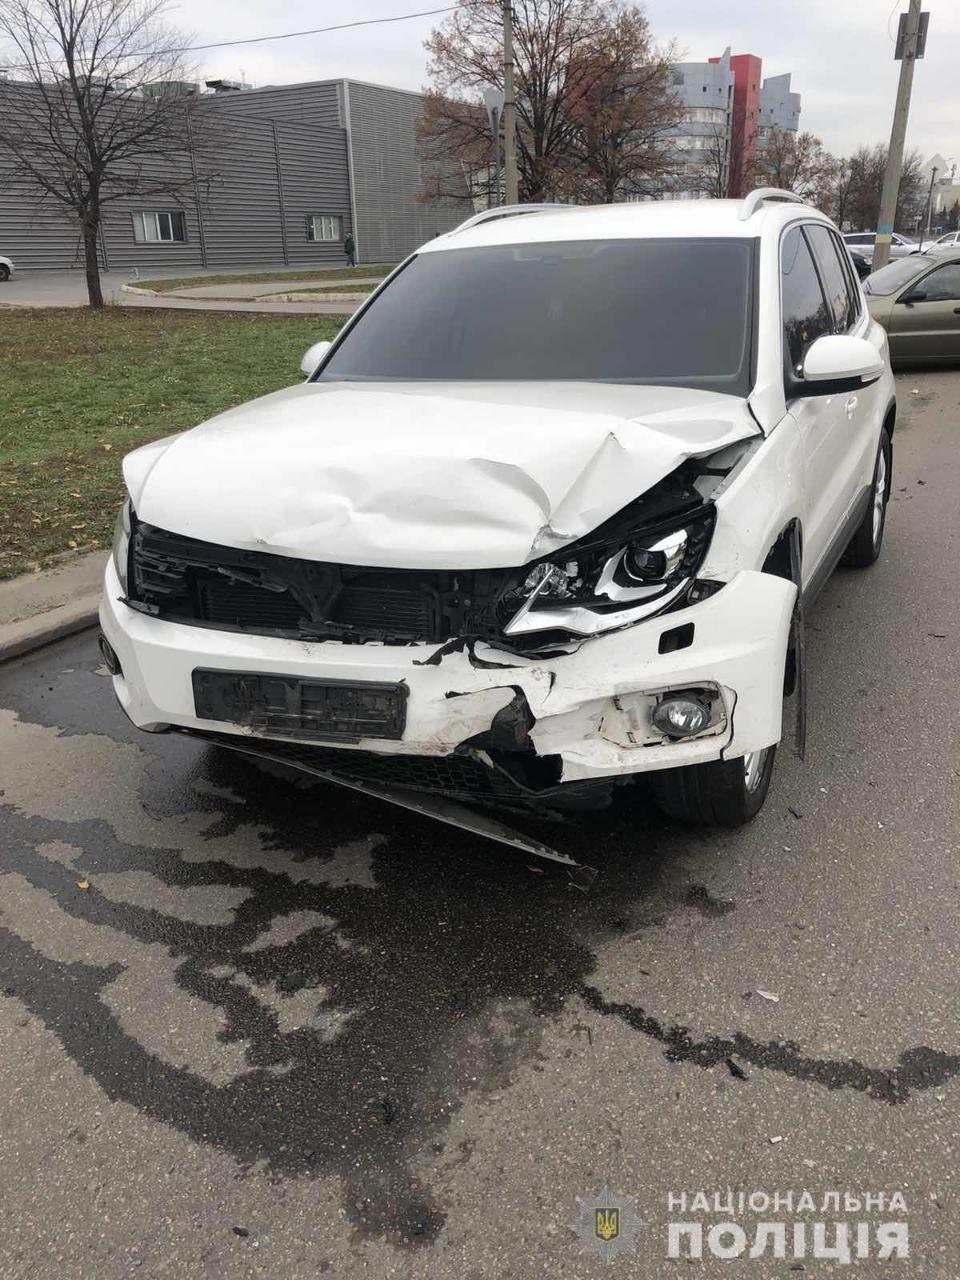 В Харькове внедорожник «влетел» в легковой автомобиль: пострадали дети и мужчина, - ФОТО, фото-5